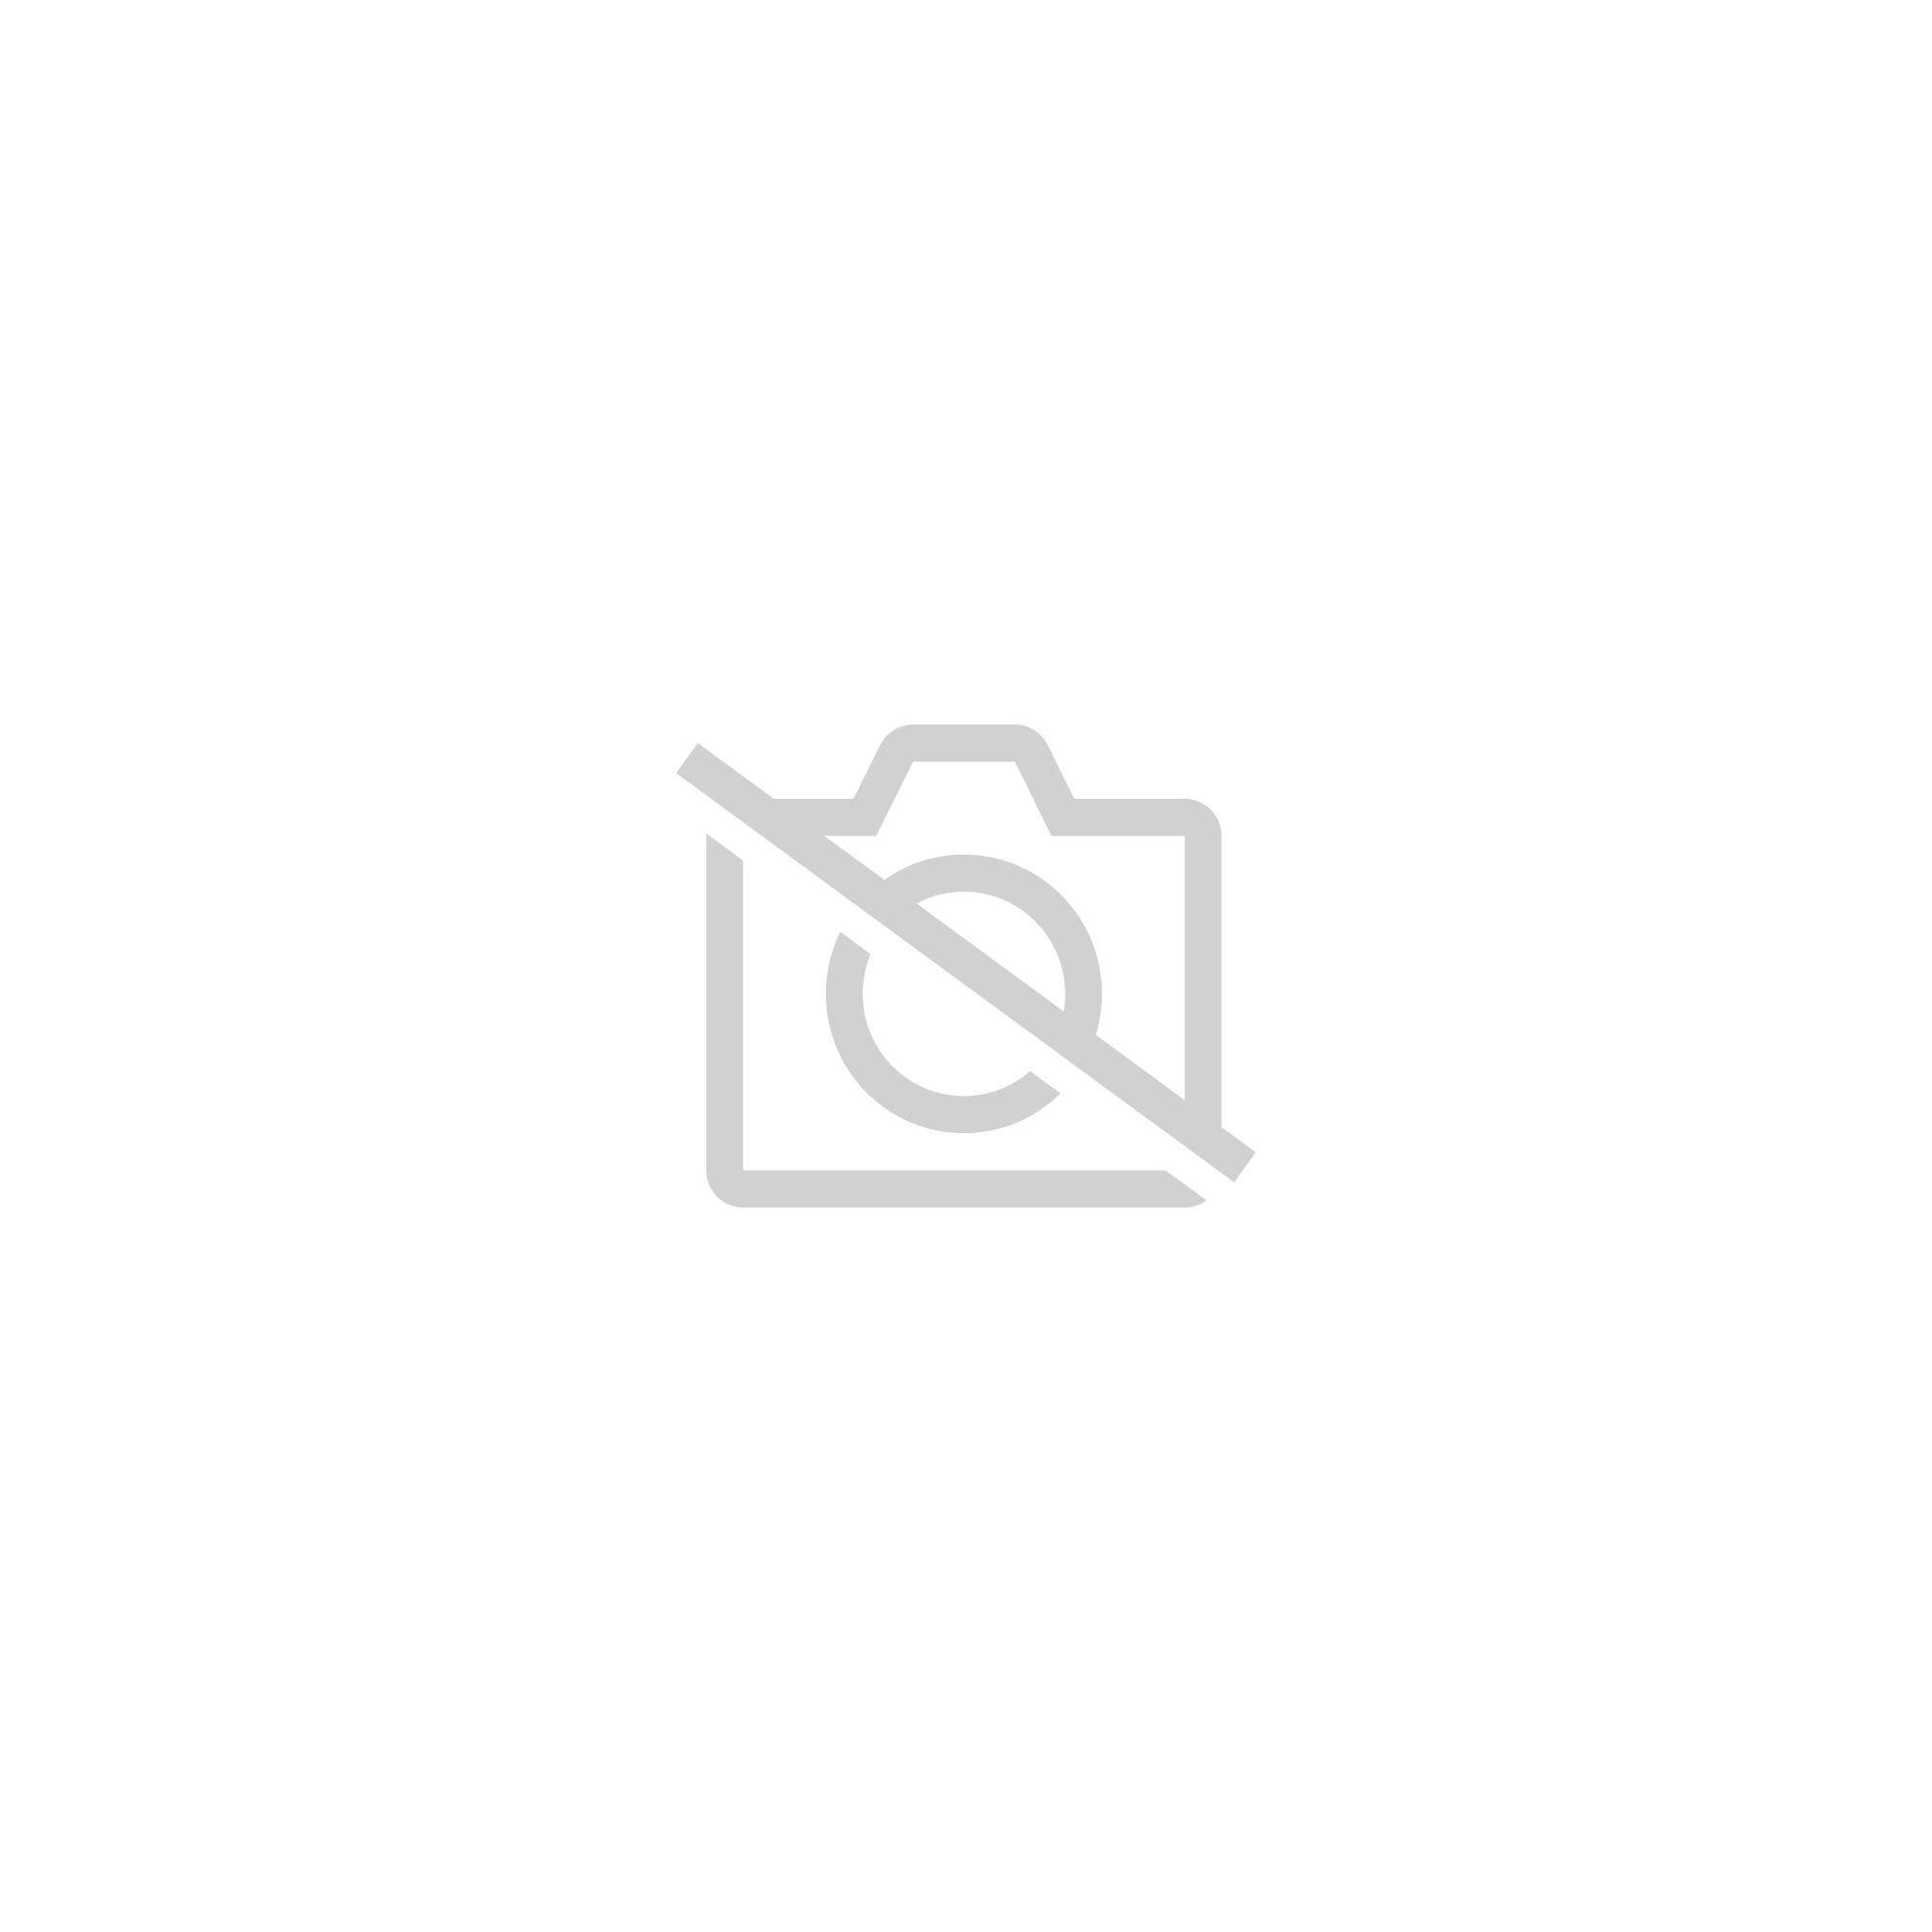 Collier 12 Constellations Astrologie Signes du Zodiaque Femme Pendentif Pr/énom Personnalisable Forme Lune en Acier Inoxydable avec Cha/îne Ajustable 50 /à 55cm,Cadeau Pas Cher Original Bijou Horoscope